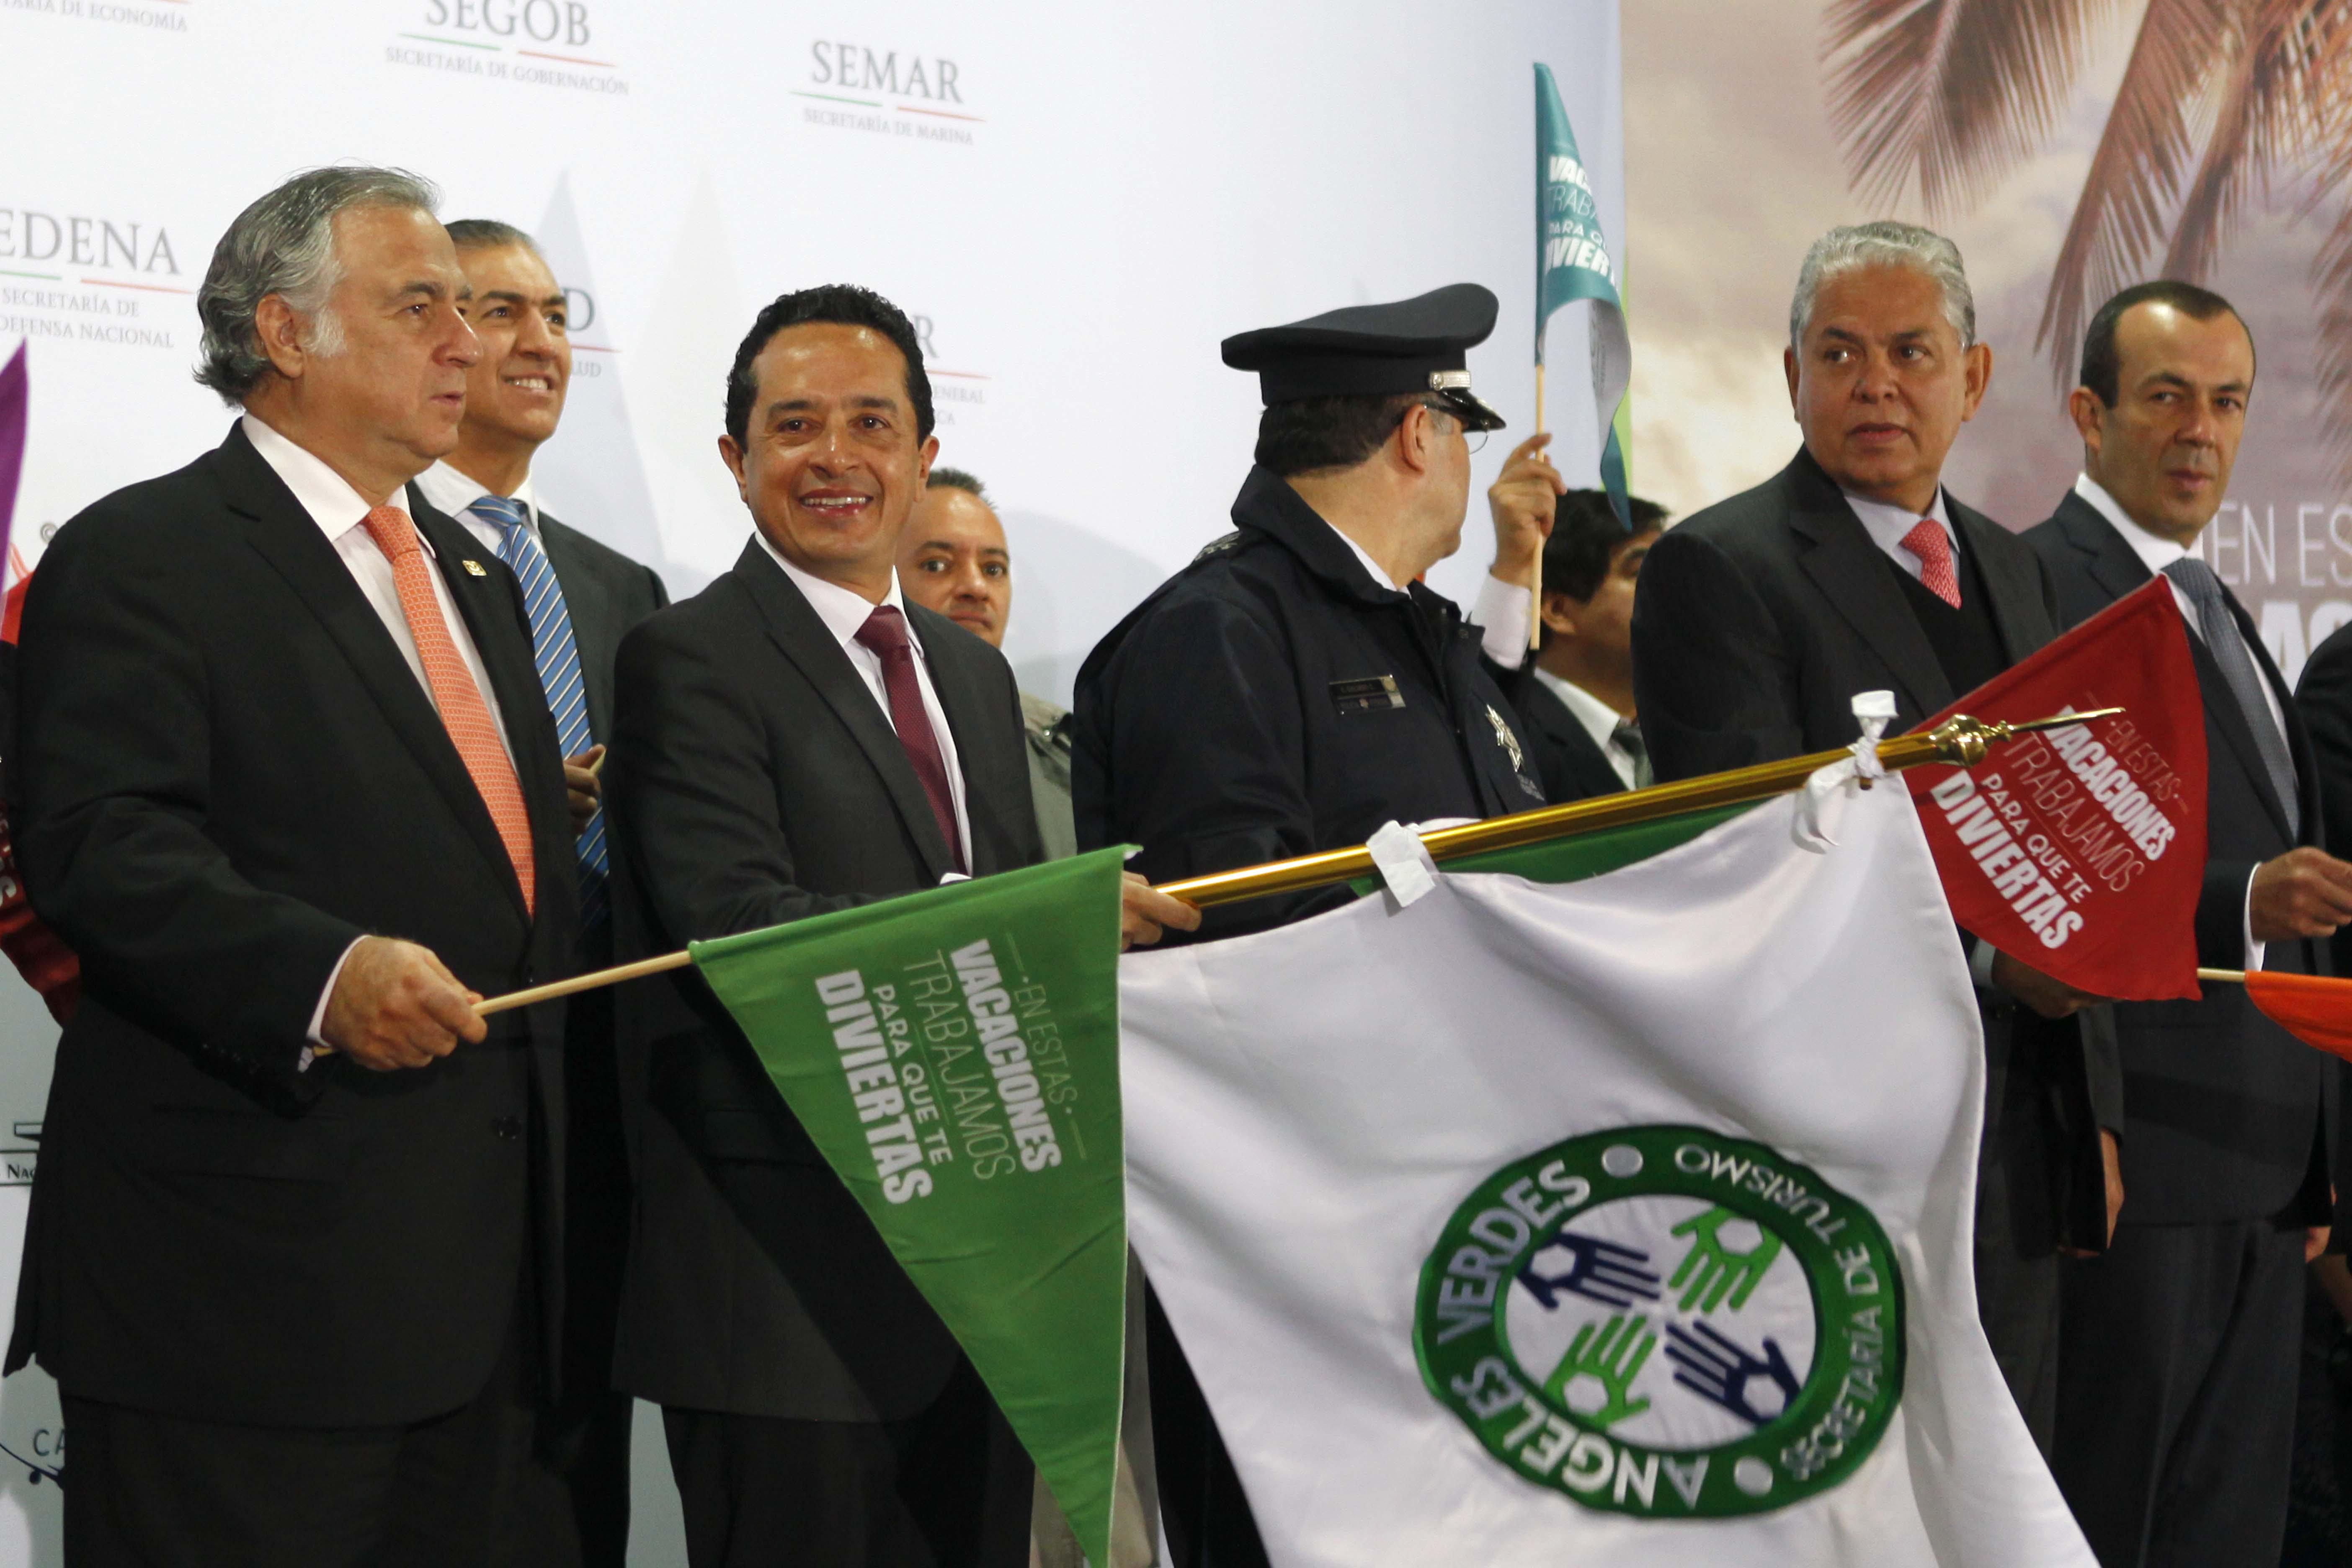 Los subsecretarios de la SECTUR, Carlos Joaquín González, Salvador Sánchez Estrada, y Francisco Mass Peña reunidos para poner en marcha el operativo vacacional de verano 2014.